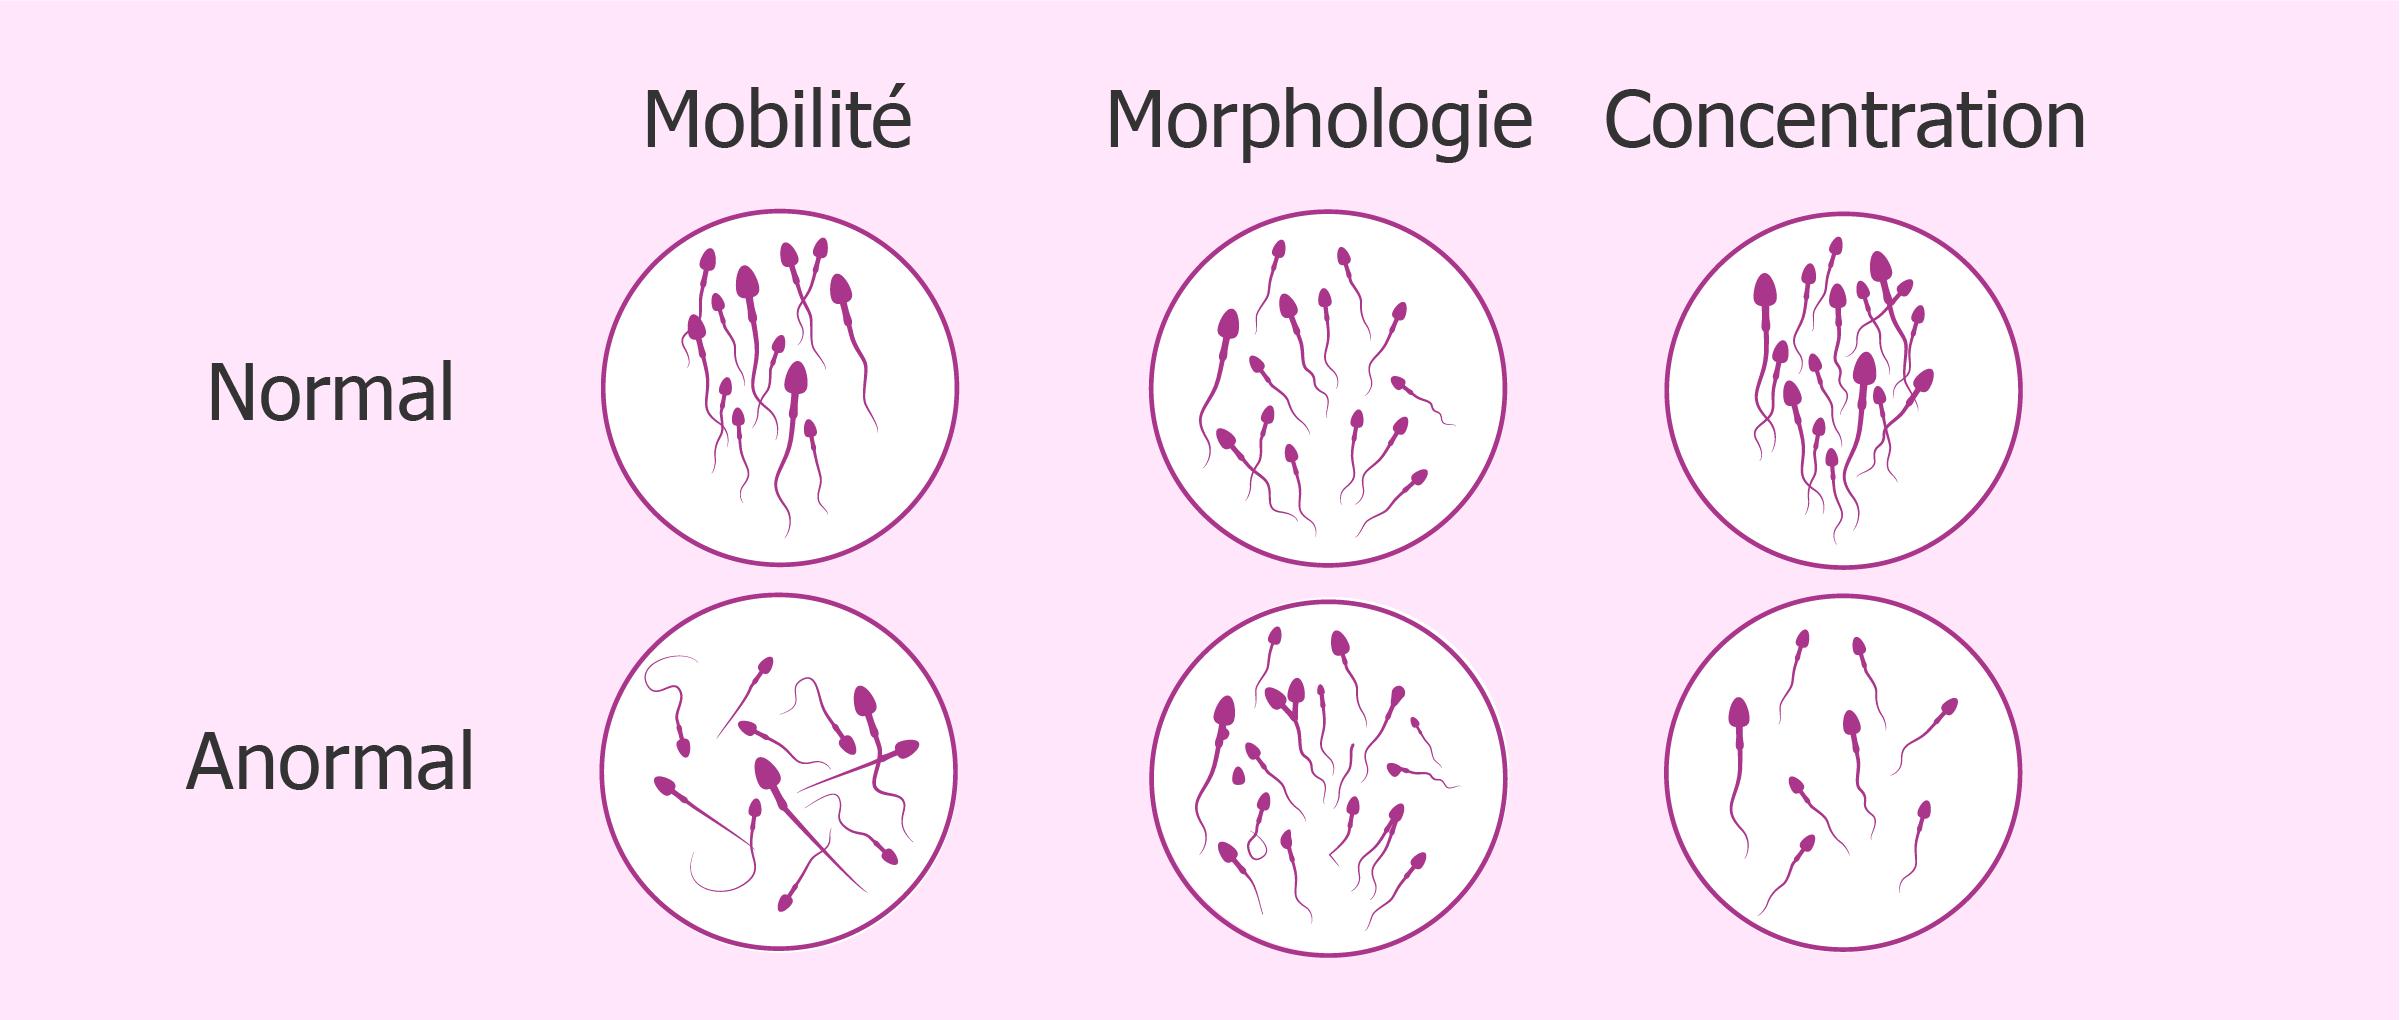 Problèmes de mobilité, morphologie ou concentration des spermatozoïdes